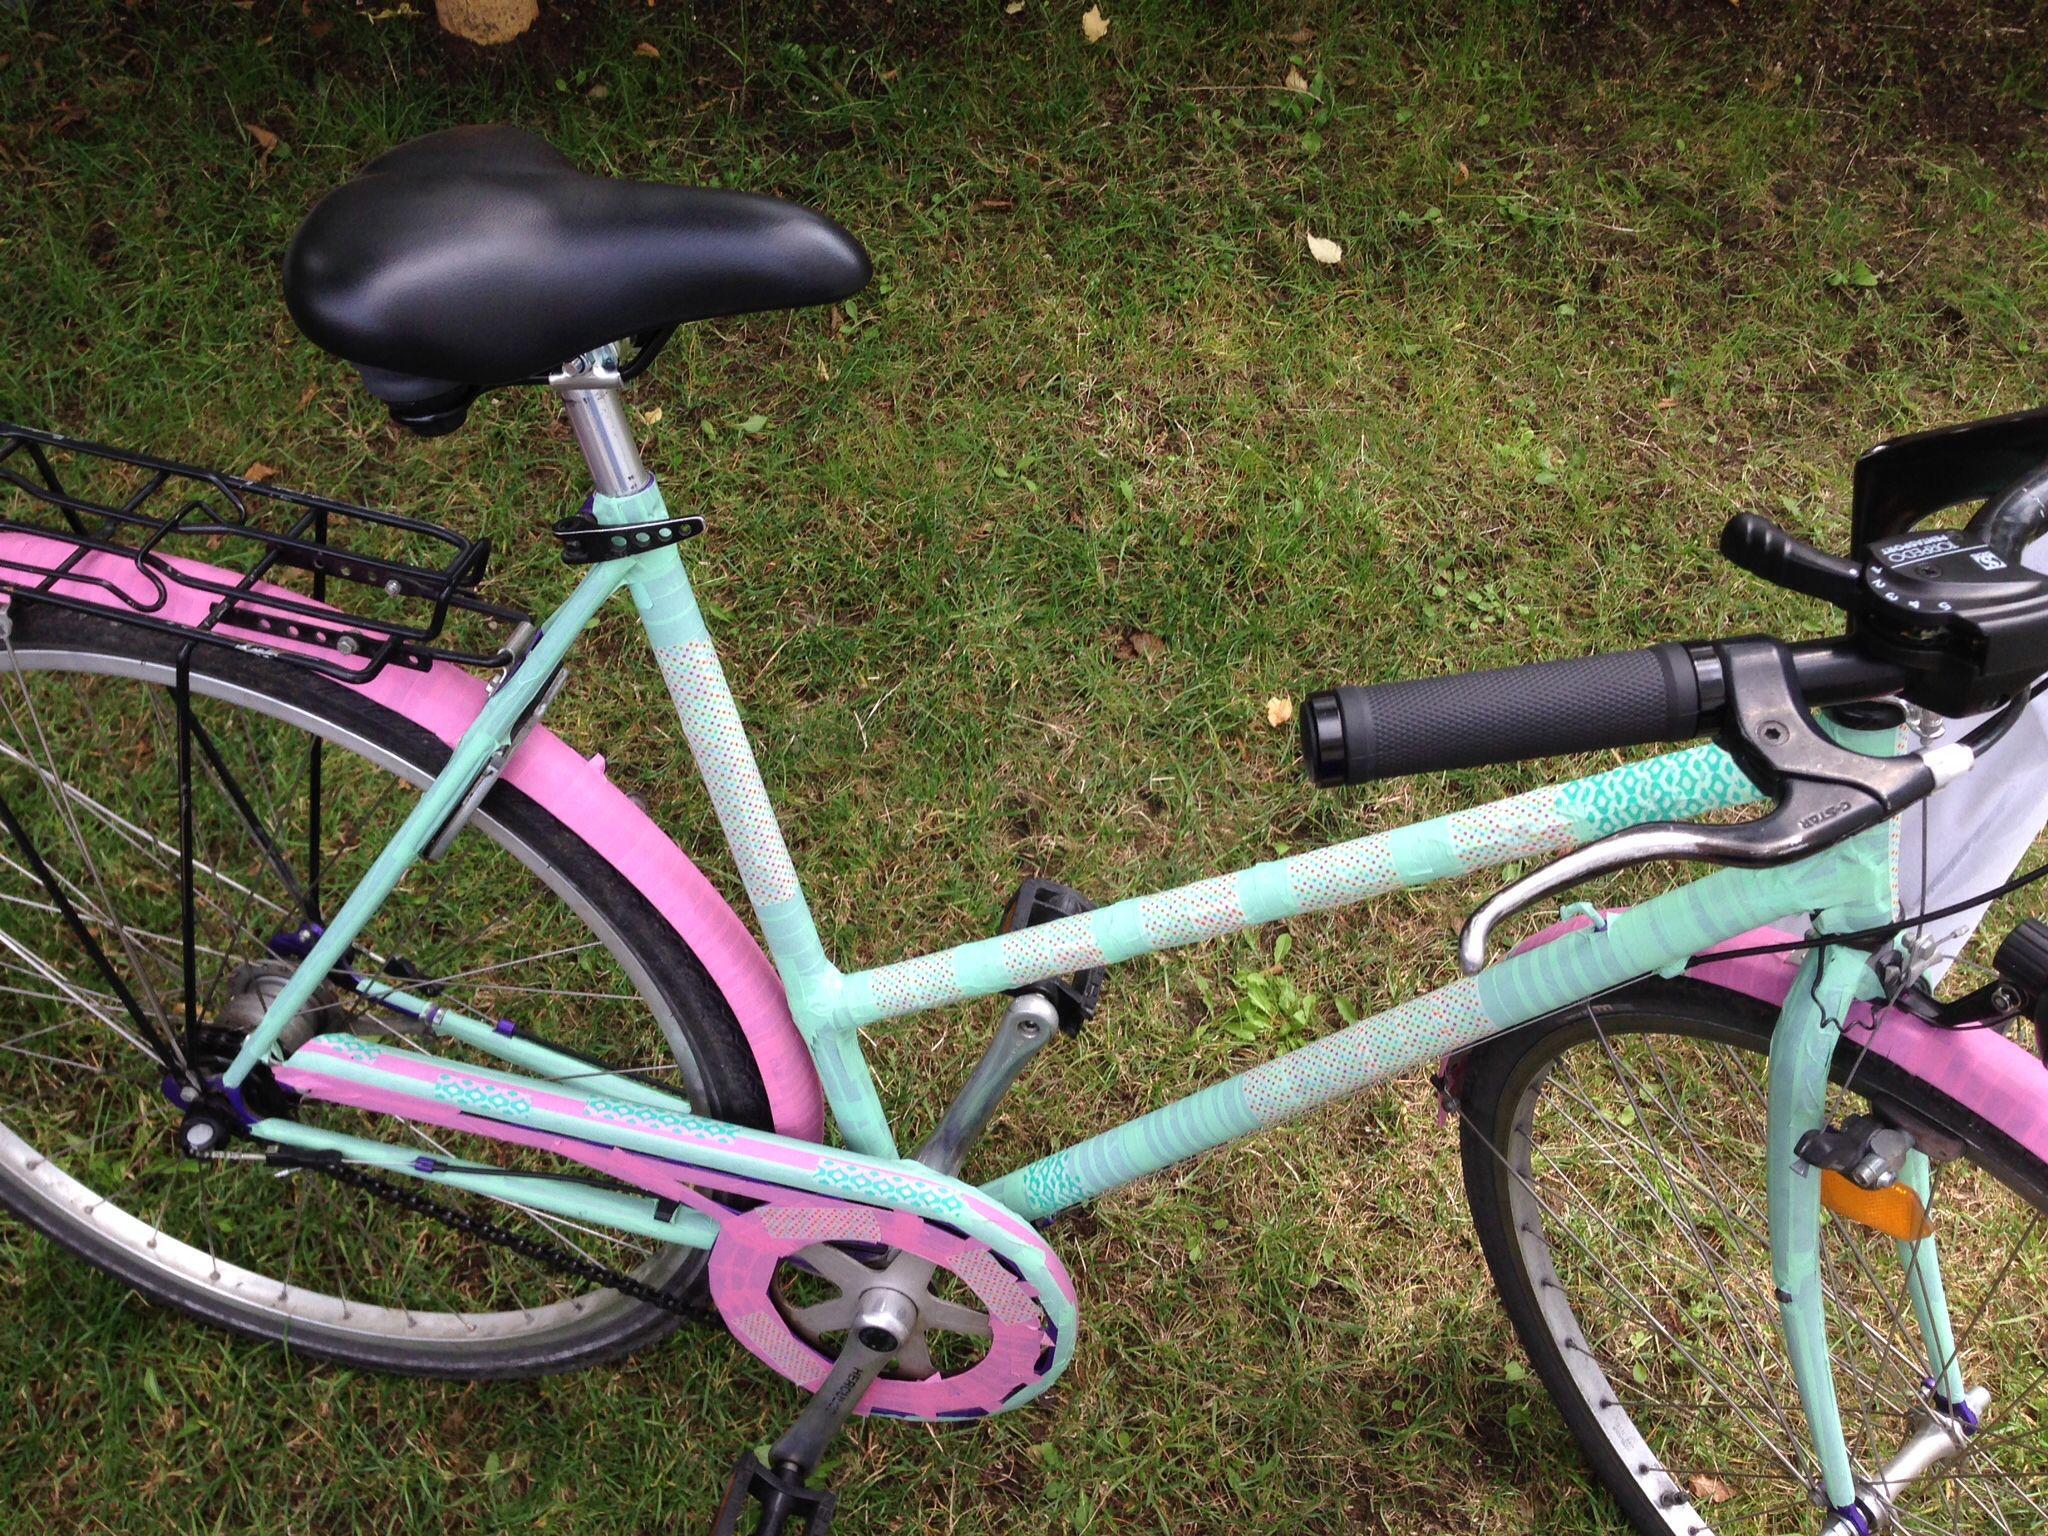 fahrrad bekleben tape fahrrad pinterest fahrr der. Black Bedroom Furniture Sets. Home Design Ideas